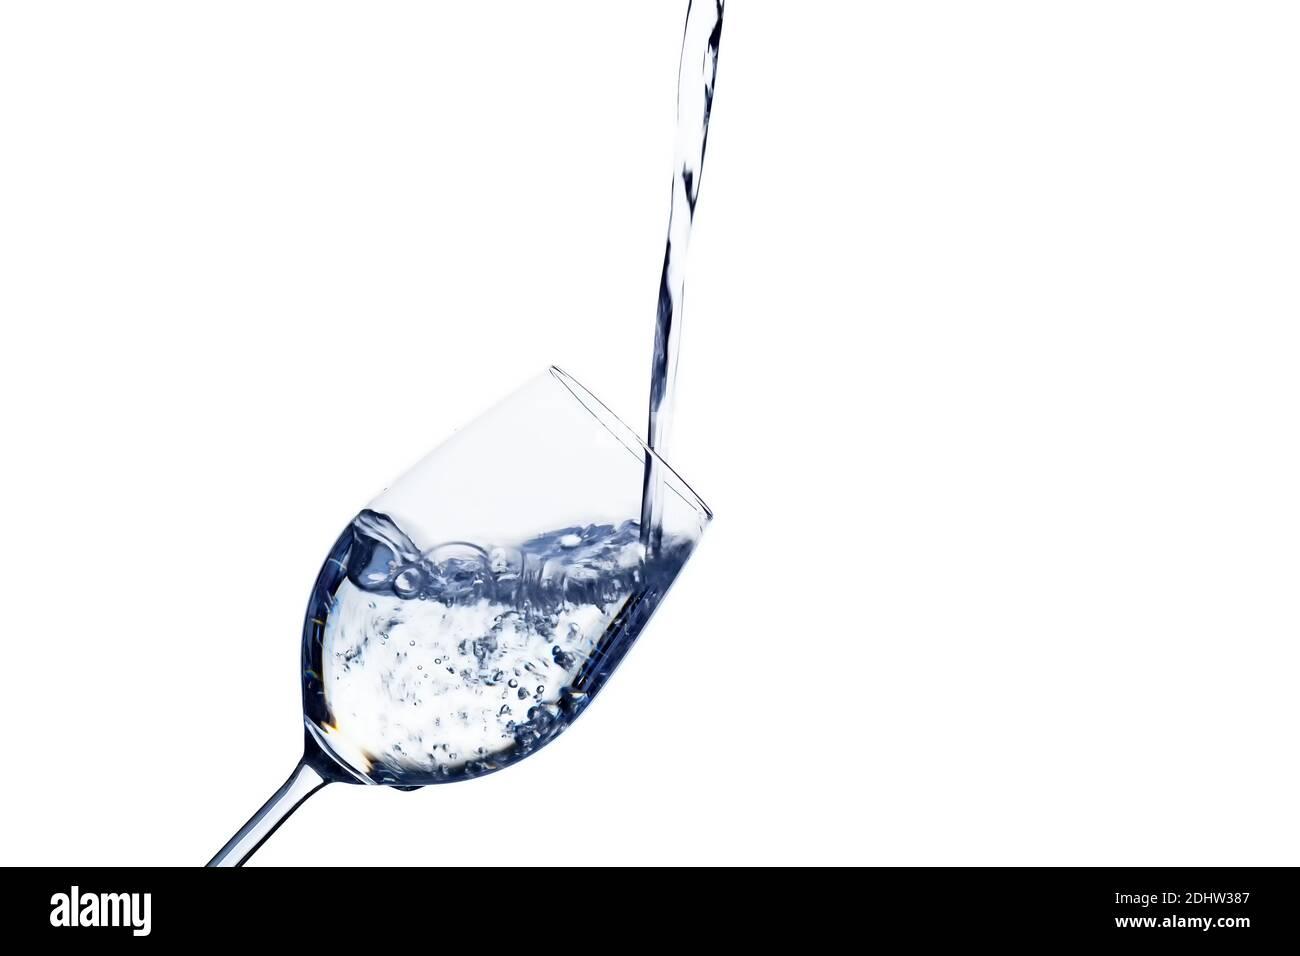 Ein Glas mit Wasser vor weissem Hintergrund, Symbolfoto für Trinkwasser, Wasserbedarf und Verbrauch, Glas, Stock Photo